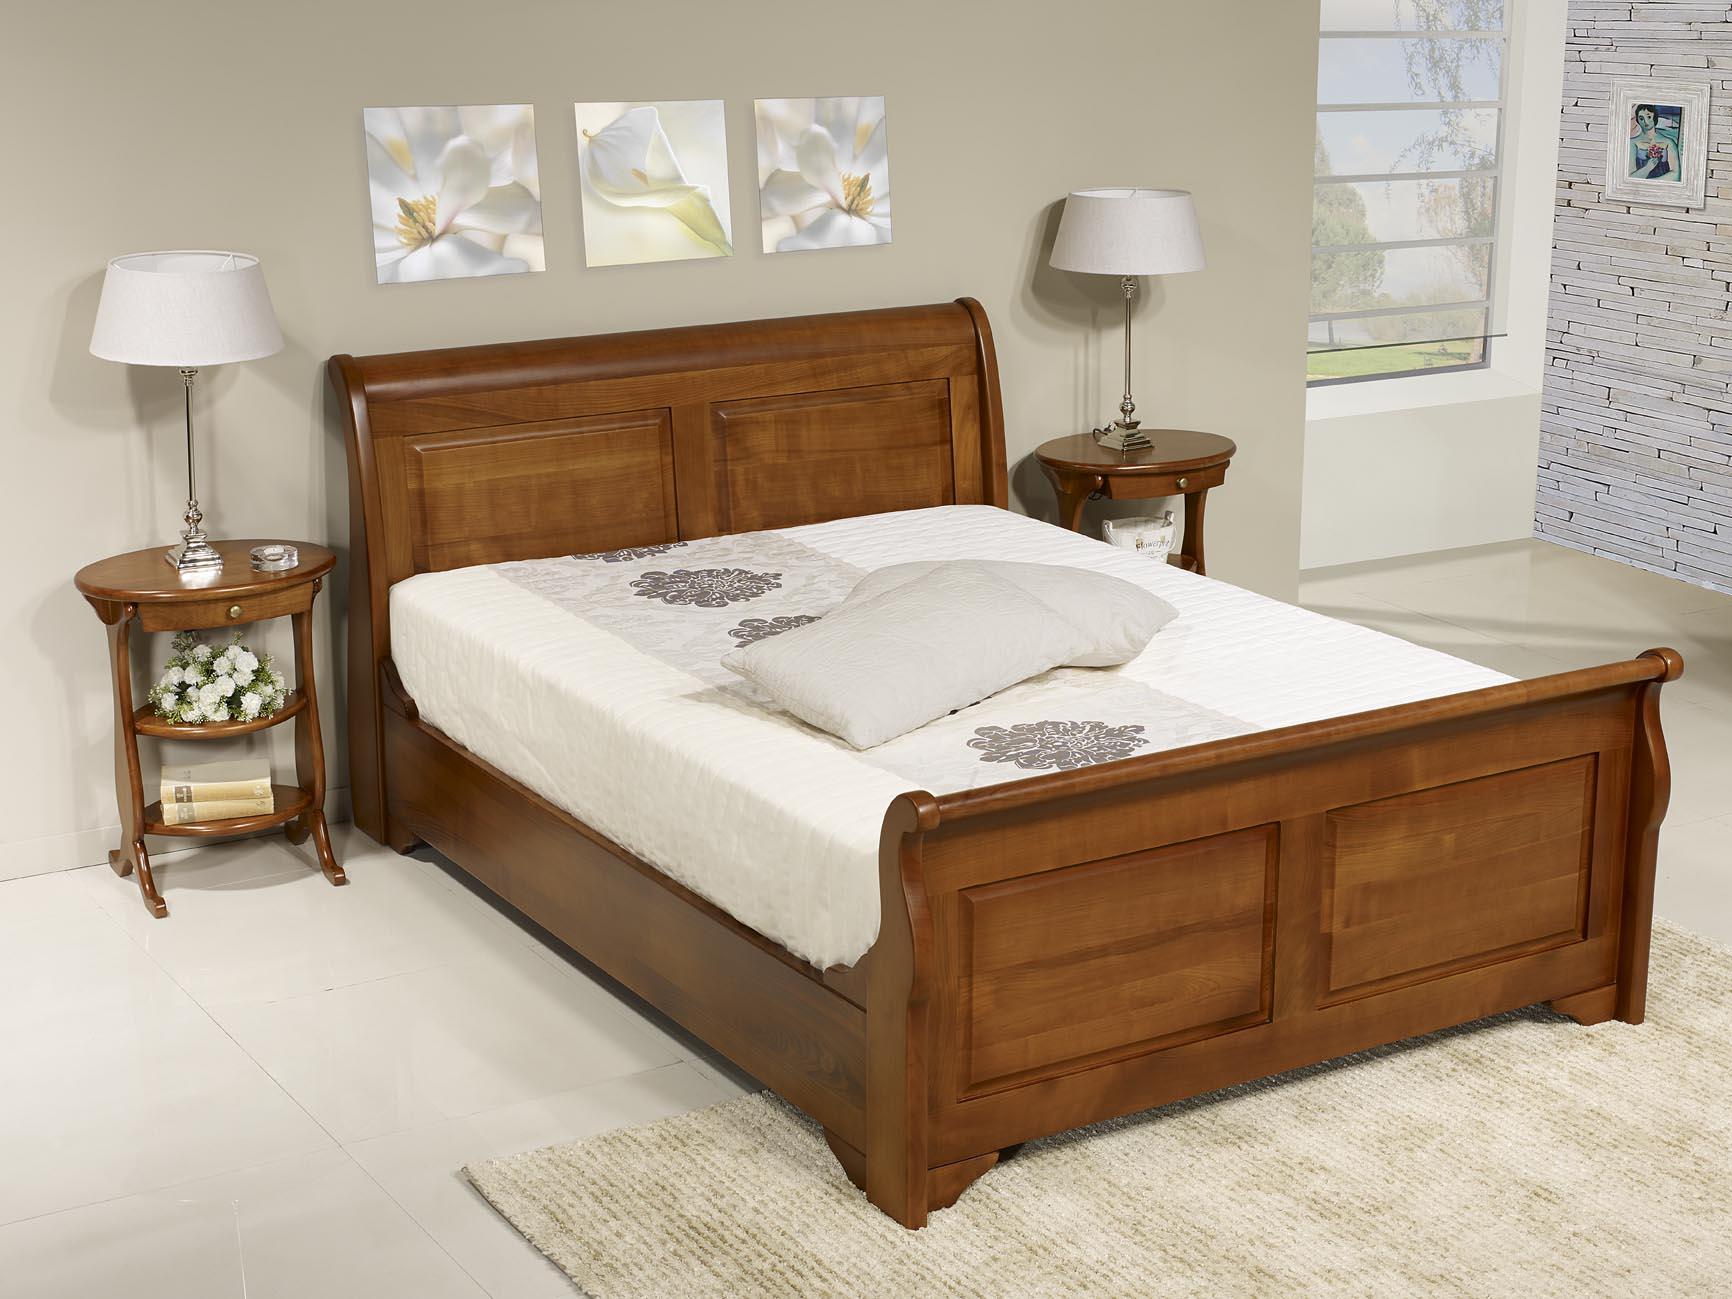 Lit bateau jean christian en merisier massif 140x190 de style louis philippe meuble en for Meuble design lit